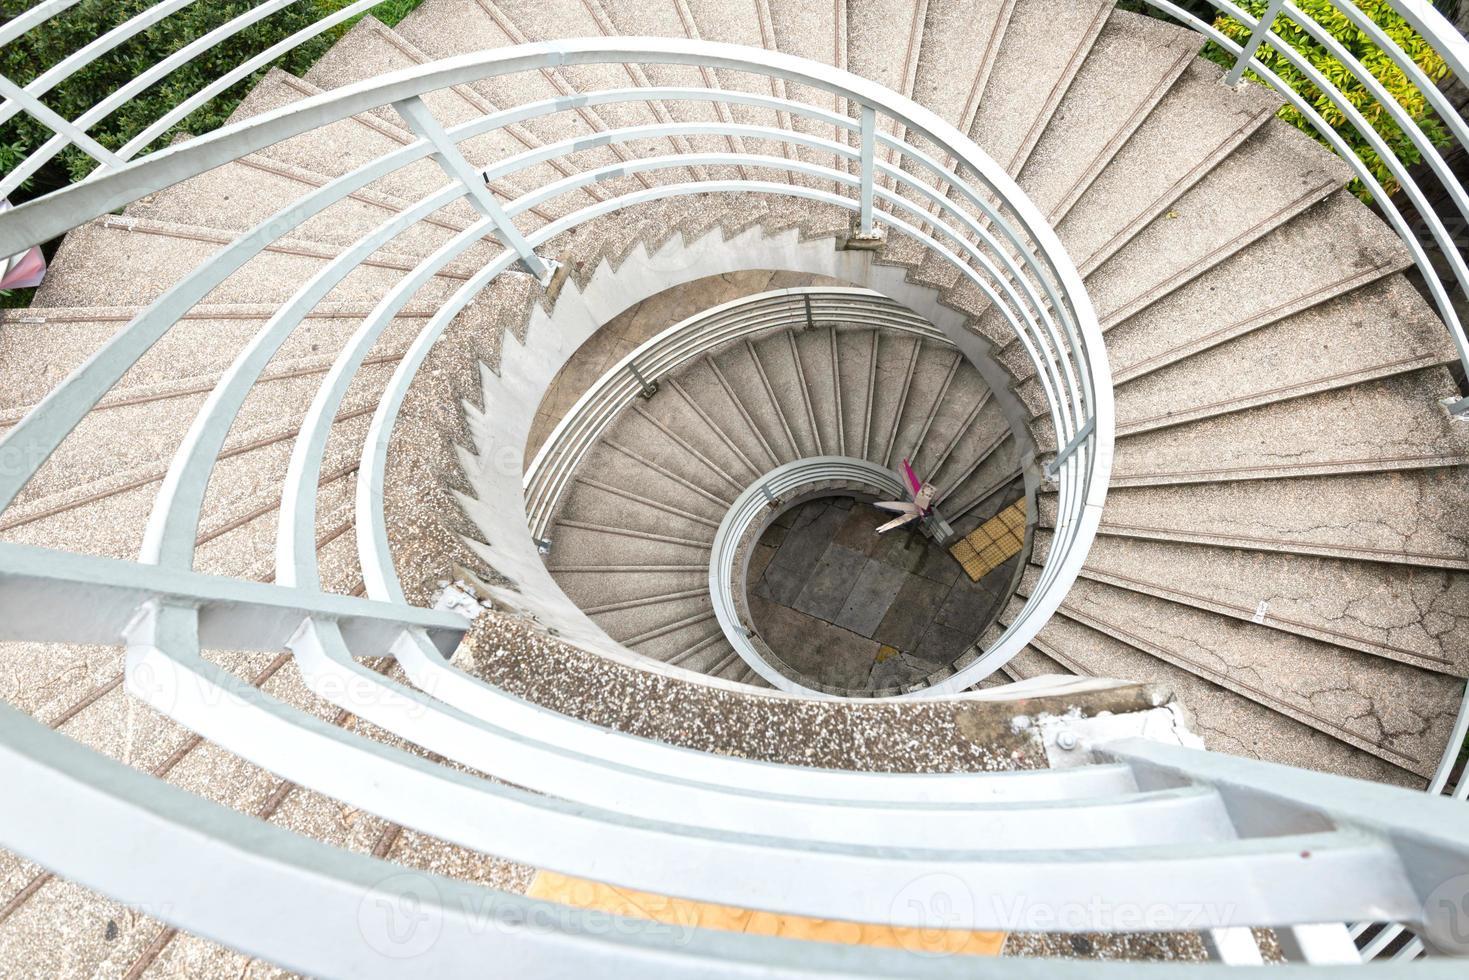 escaliers en colimaçon photo